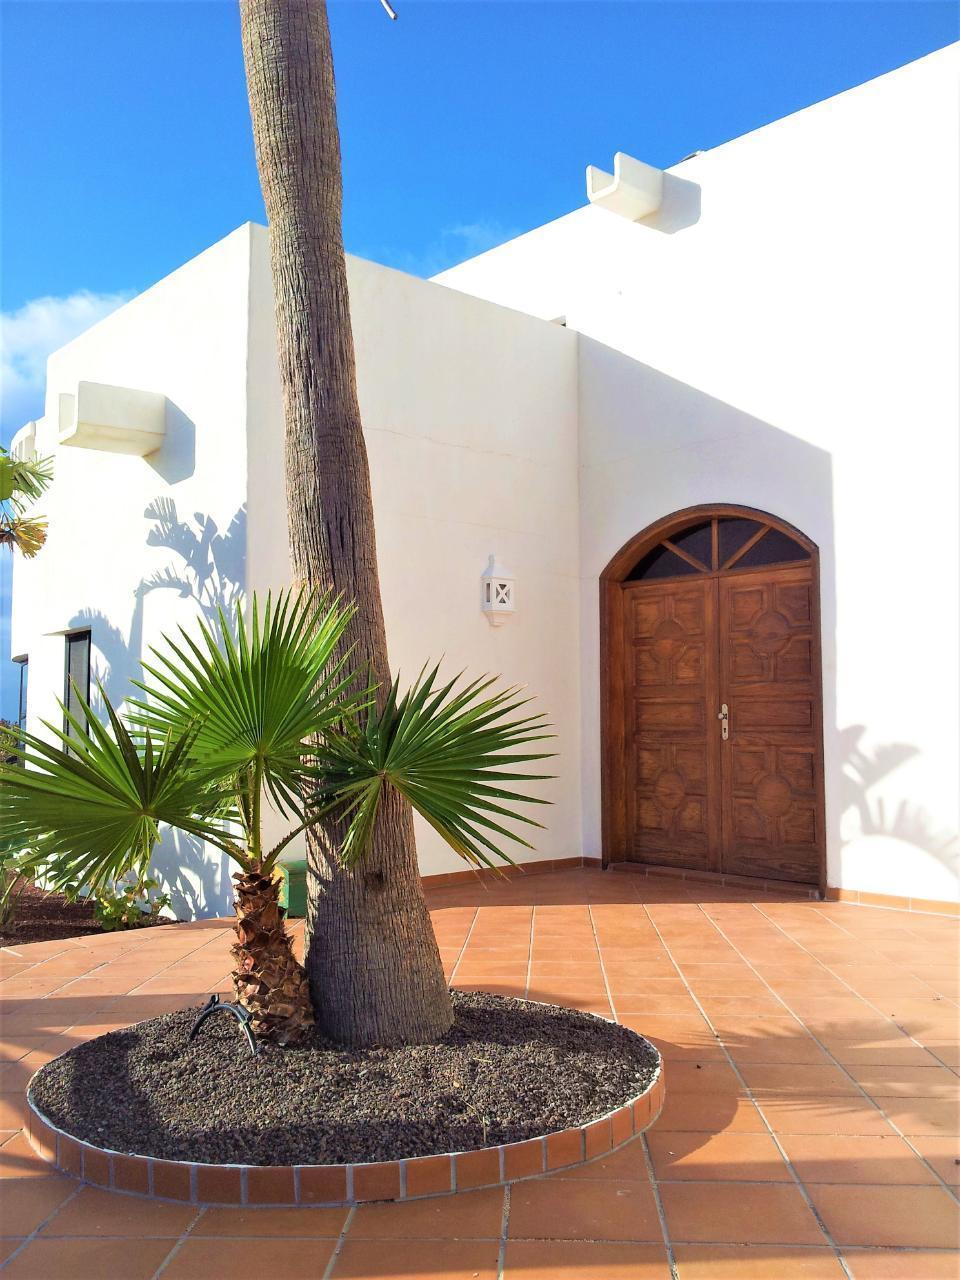 Ferienhaus Exklusive Villa in Strandnähe (642541), Giniginamar, Fuerteventura, Kanarische Inseln, Spanien, Bild 23